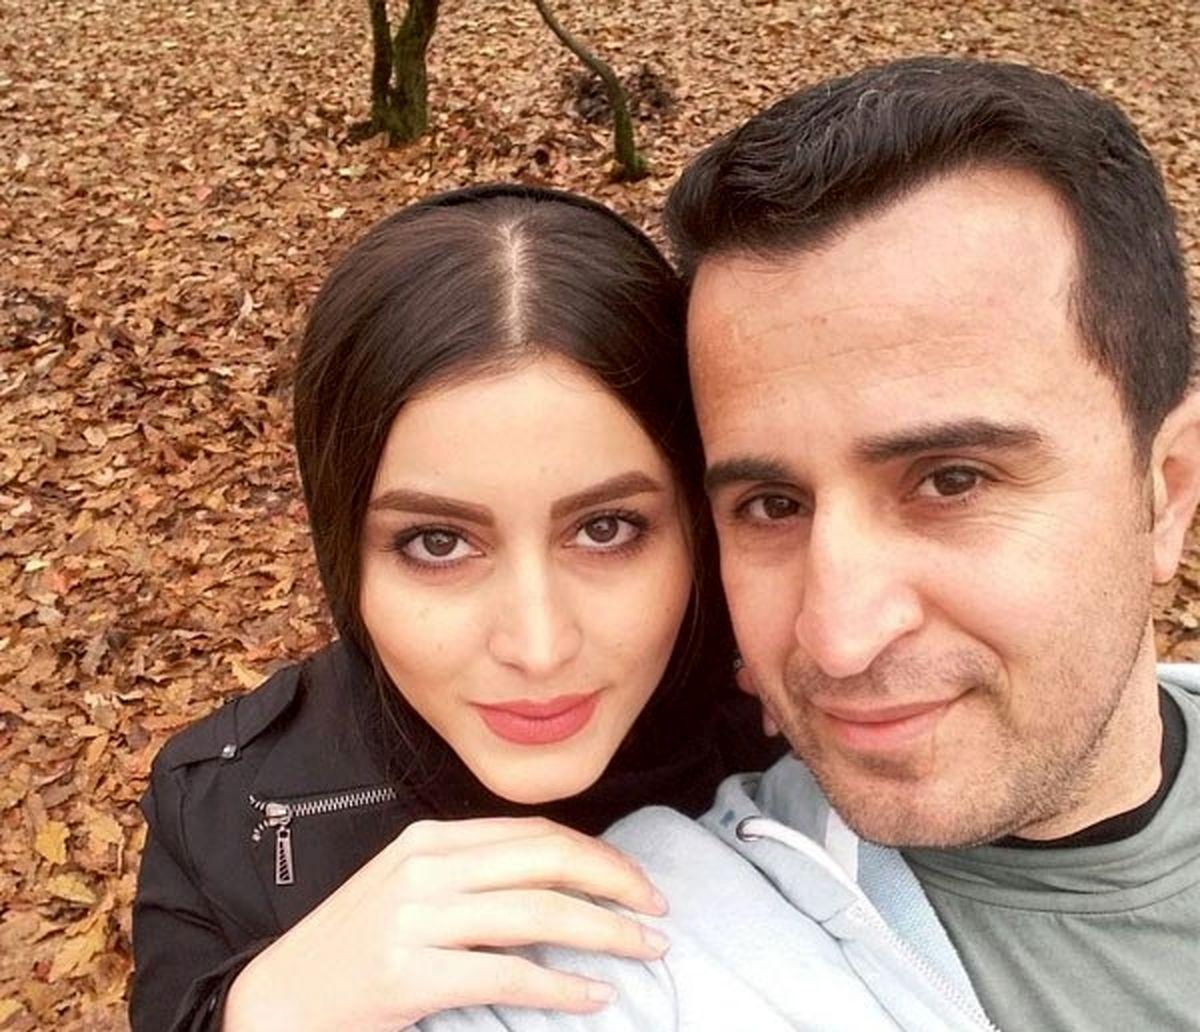 بیوگرافی فهیمه مومنی در نقش صبا در سریال افرا   عکس همسر فهیمه مومنی